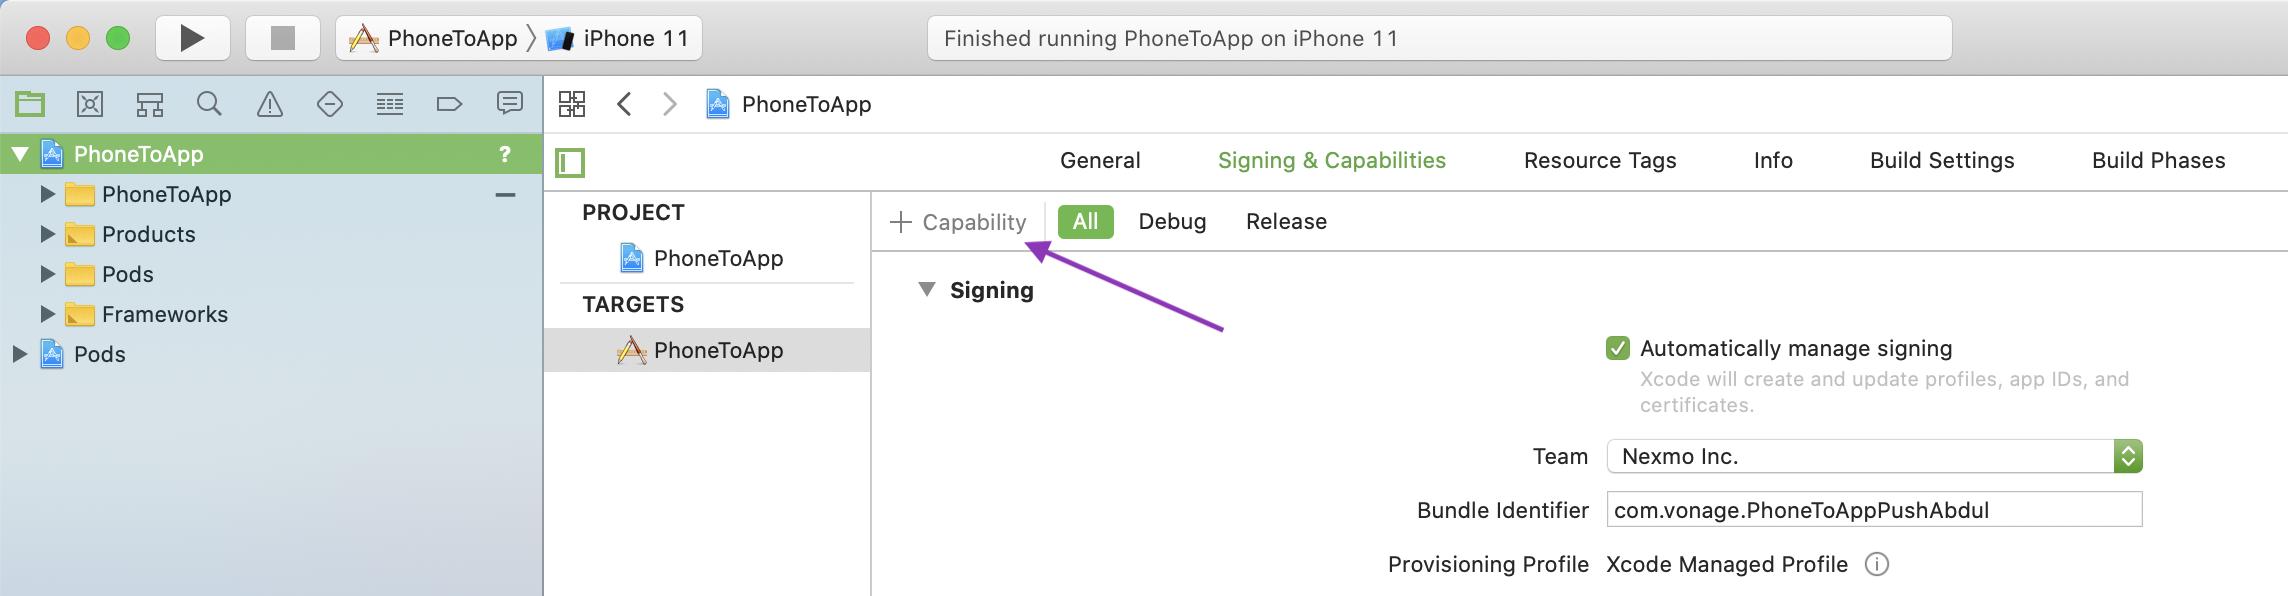 Add capability button